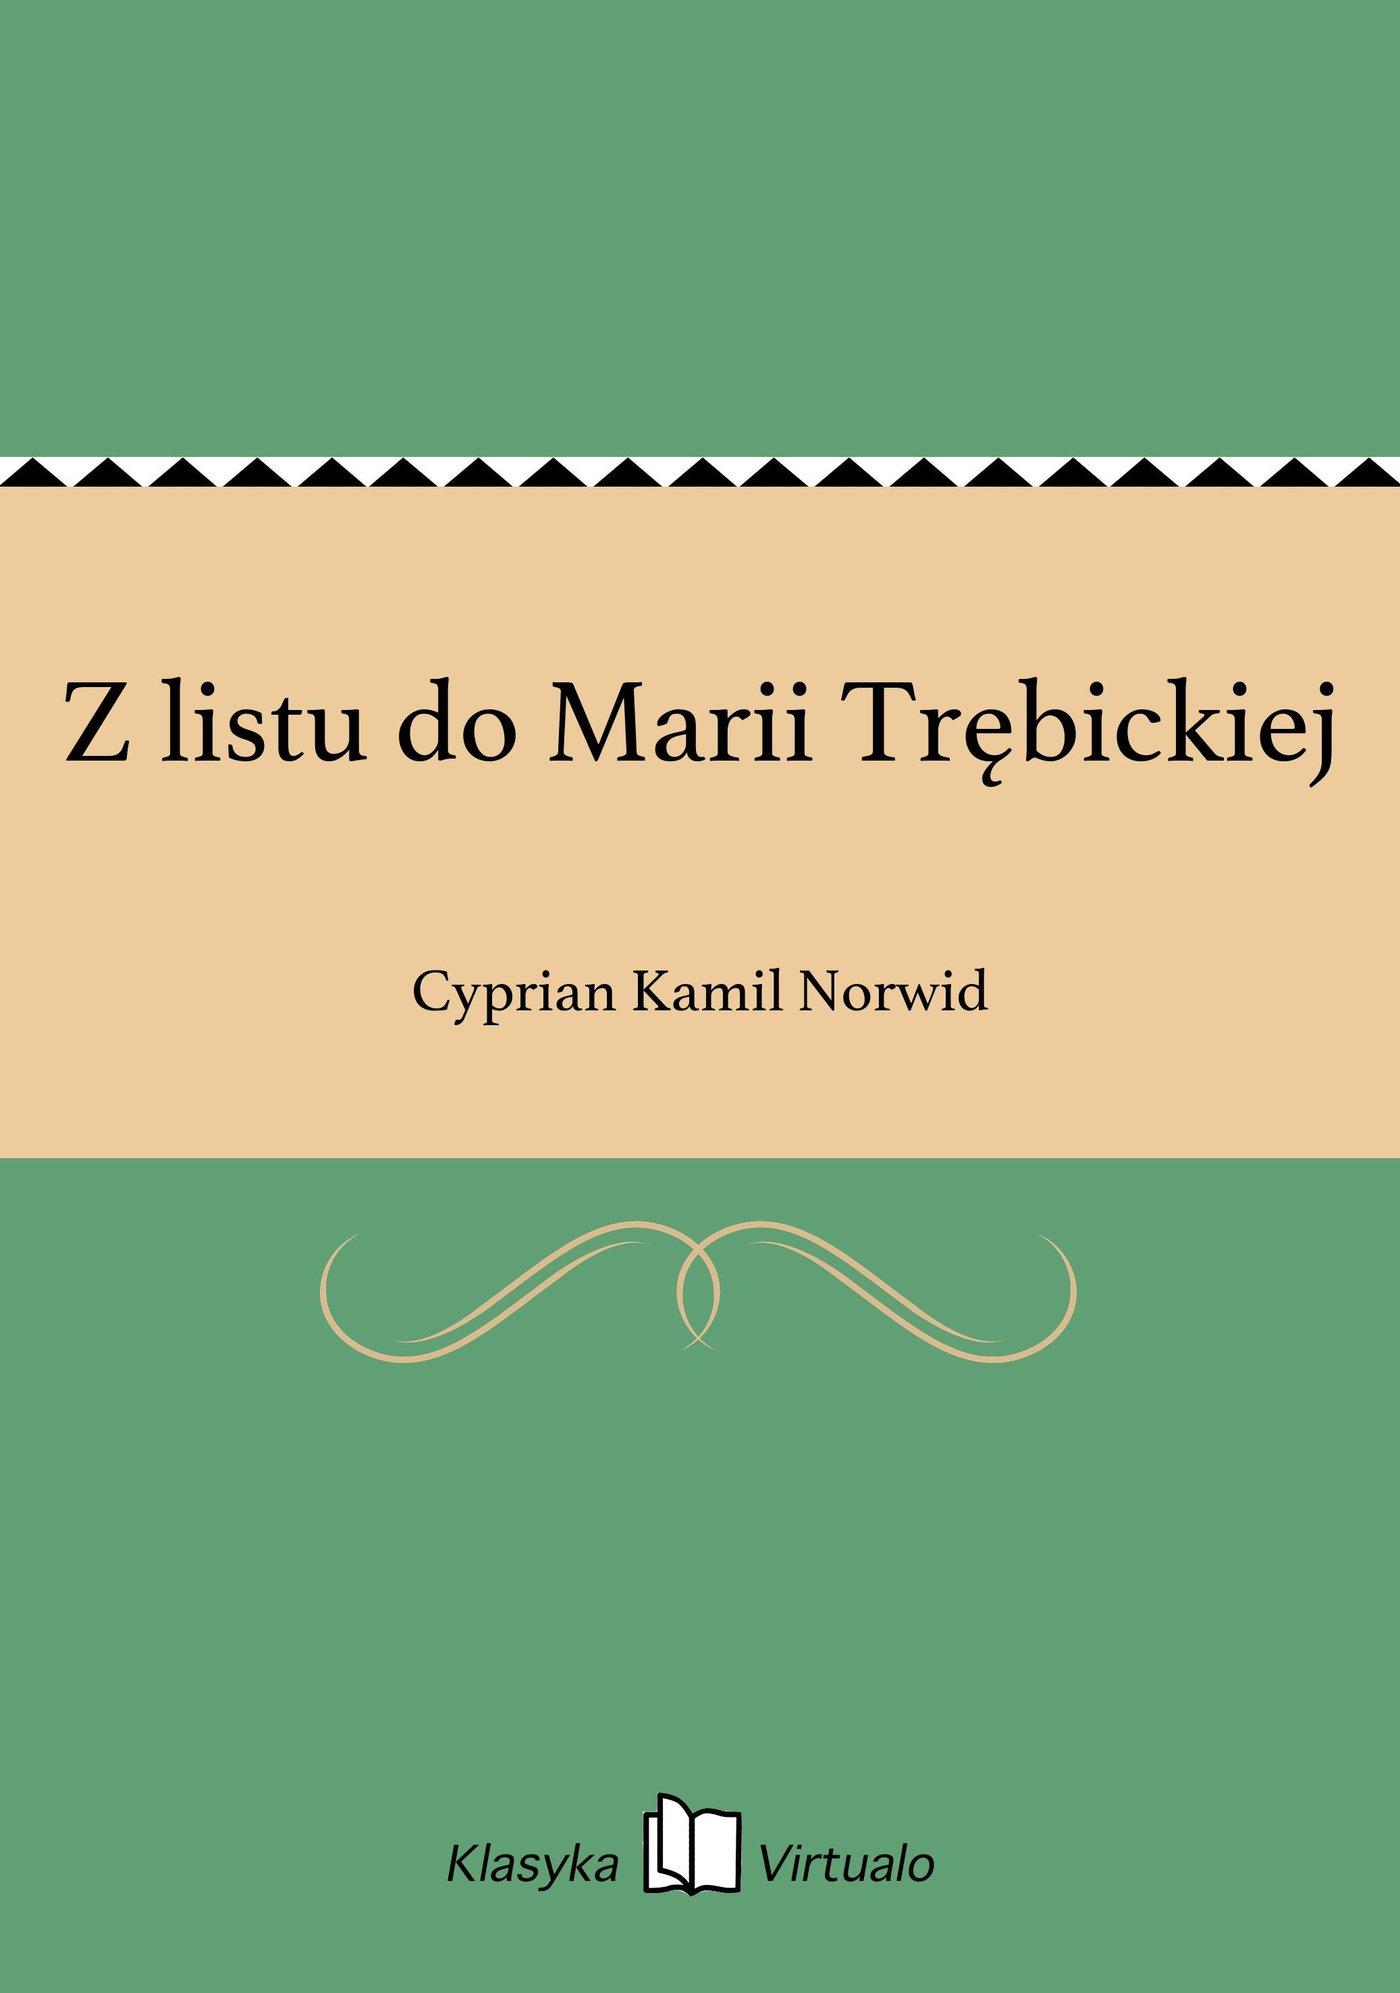 Z listu do Marii Trębickiej - Ebook (Książka EPUB) do pobrania w formacie EPUB